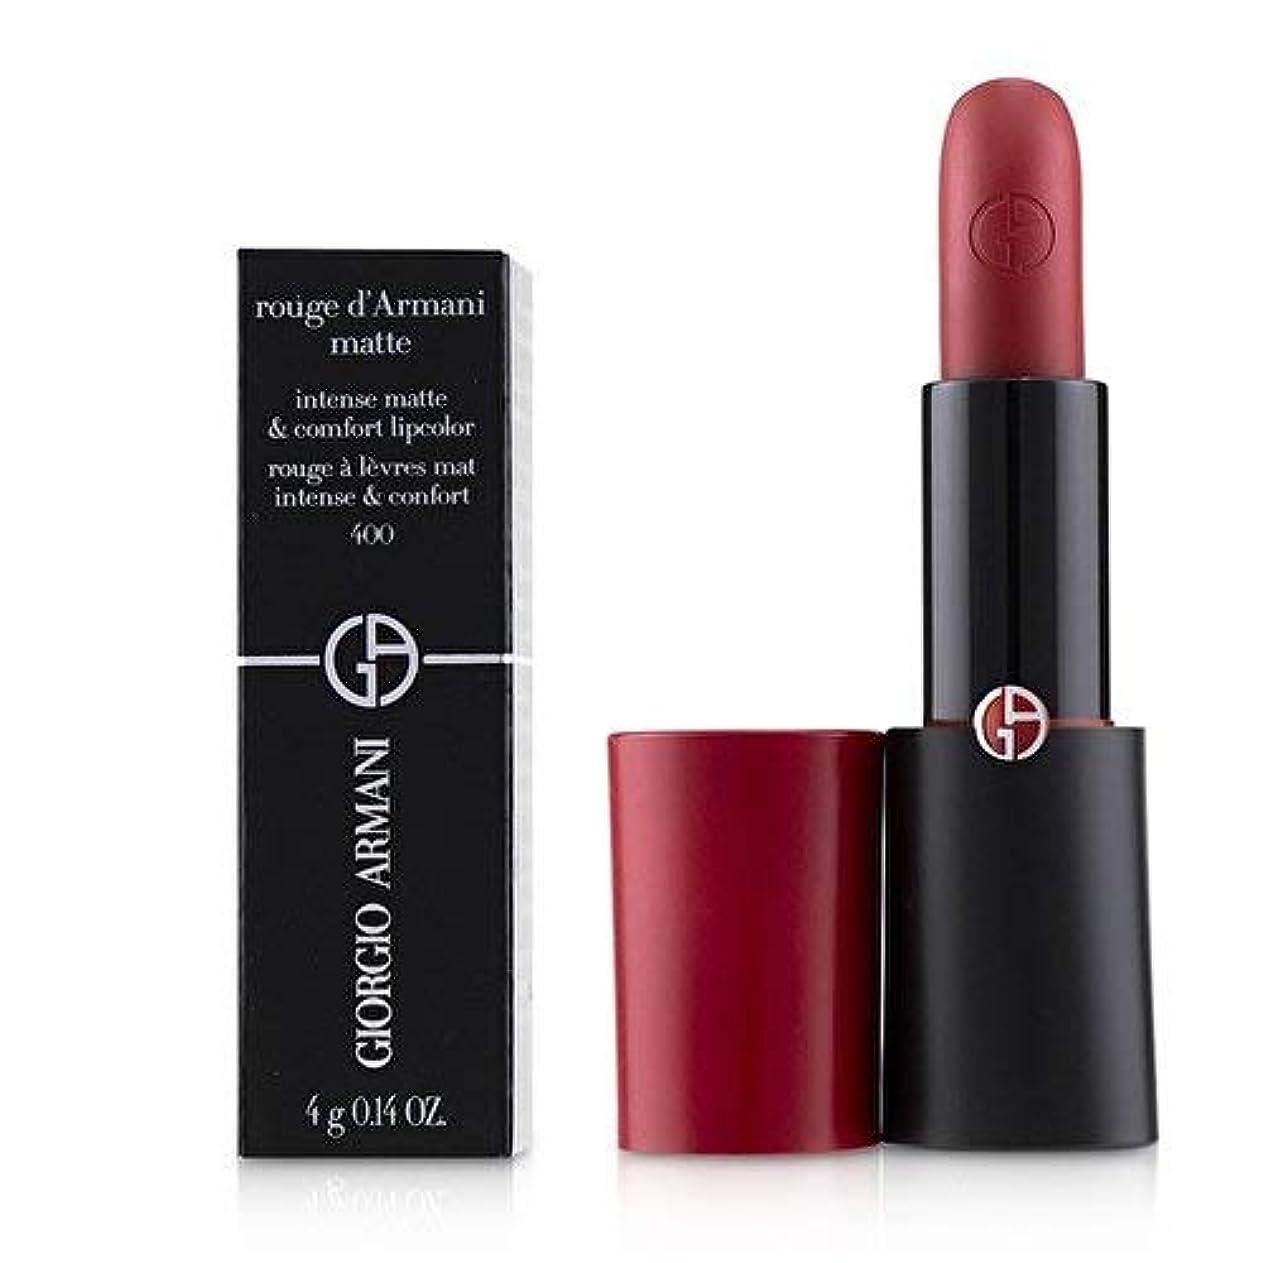 内陸キリン便益ジョルジオアルマーニ Rouge D'Armani Matte Intense Matte & Comfort Lipcolor - # 400 Four Hundred 4g/0.14oz並行輸入品